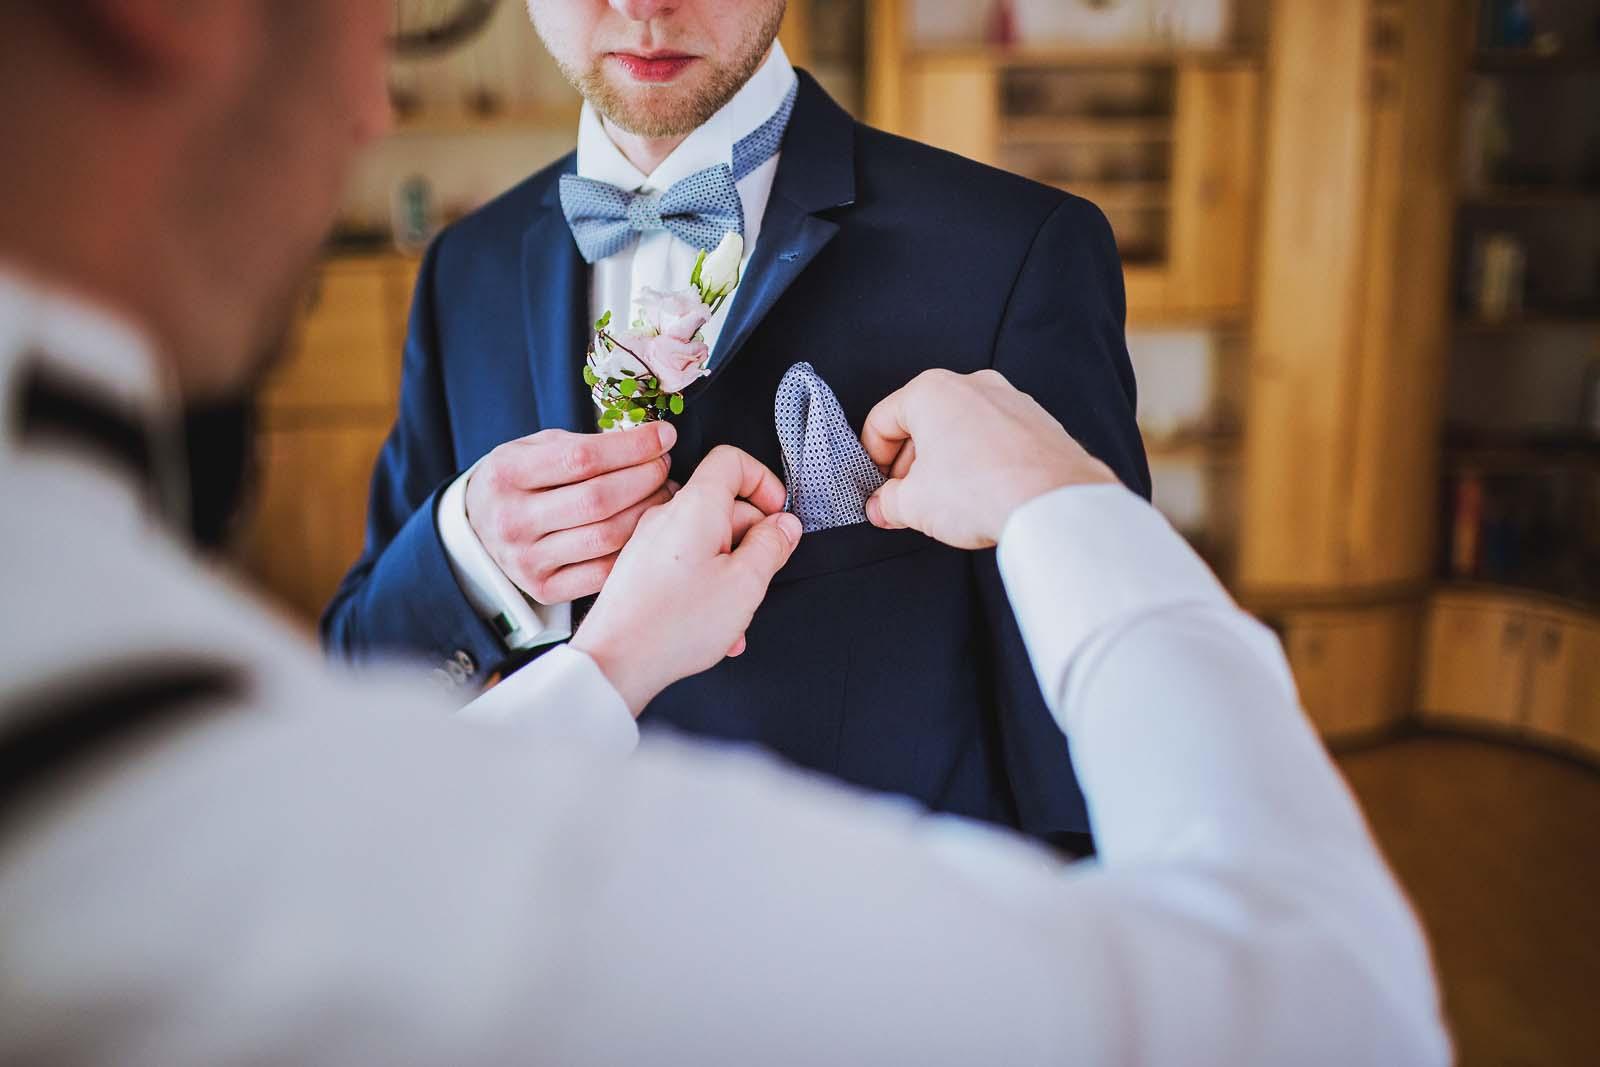 Hochzeitsfotograf fotografiert Vorbereitungen beim Braeutigam Detailfoto beim Ankleiden Copyright by Hochzeitsfotograf www.berliner-hochzeitsfotografie.de